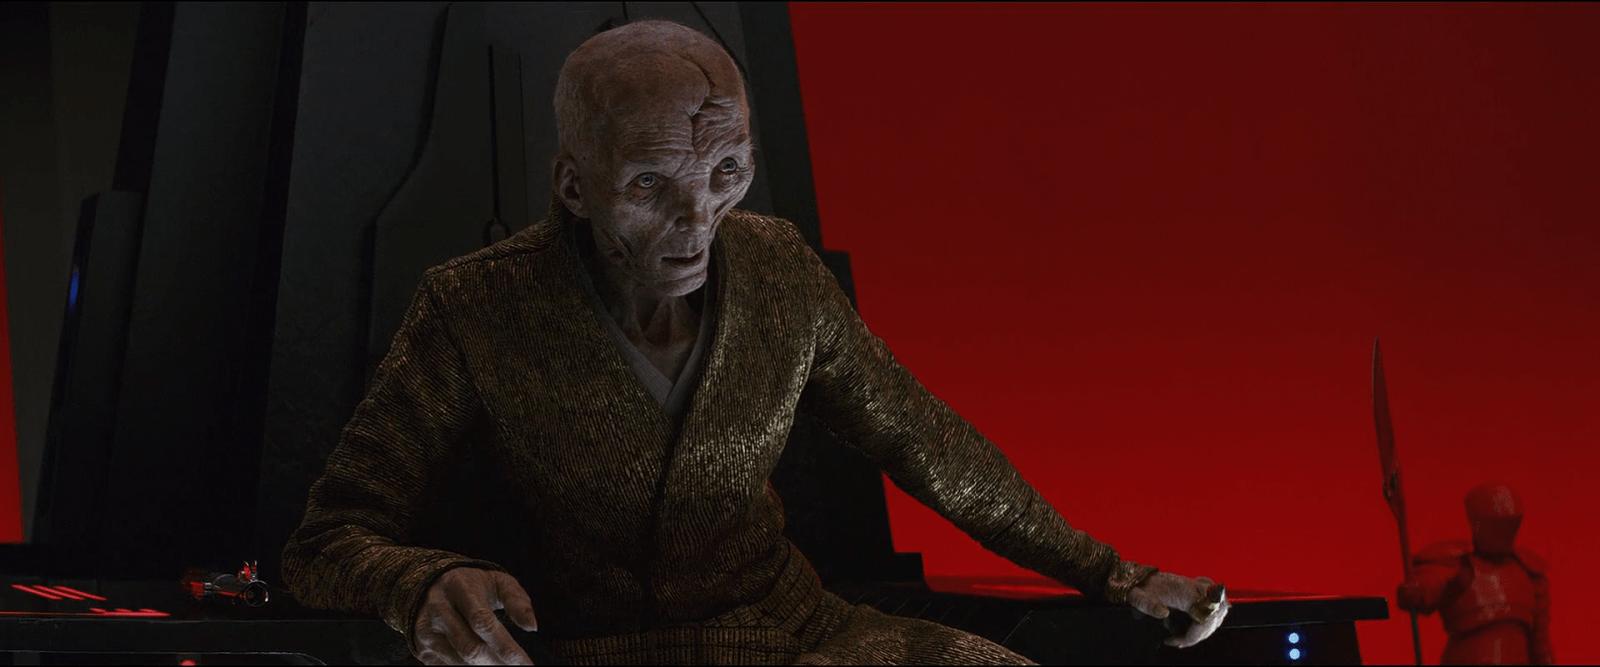 «Звездные войны»: 9 самых обсуждаемых моментов саги